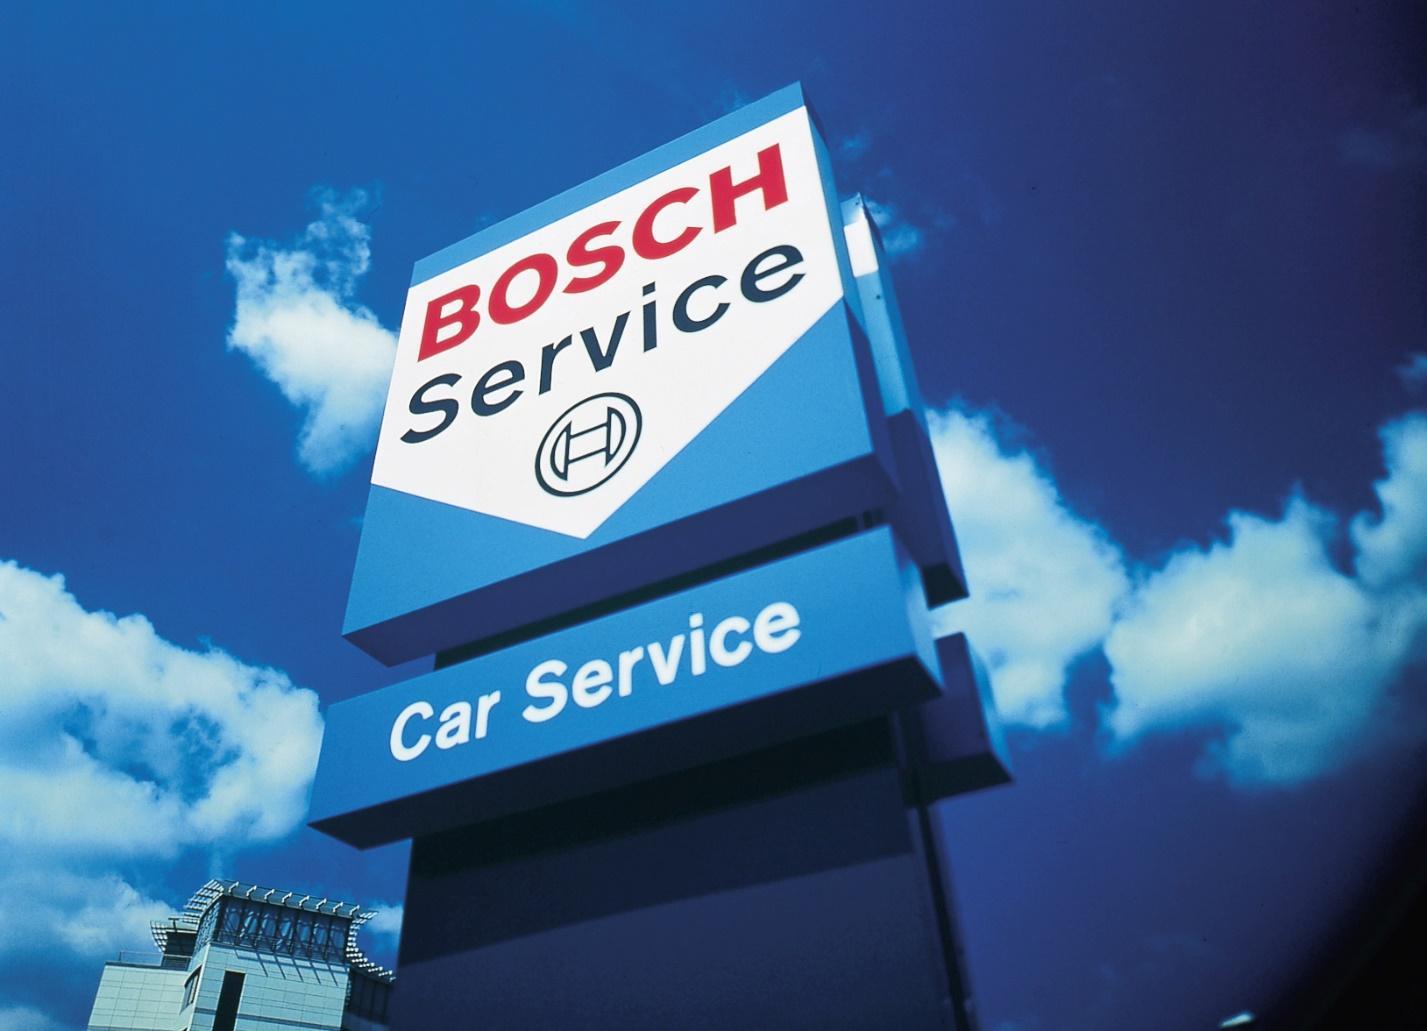 Станции сети «Бош Авто Сервис»: правила качественного обслуживания